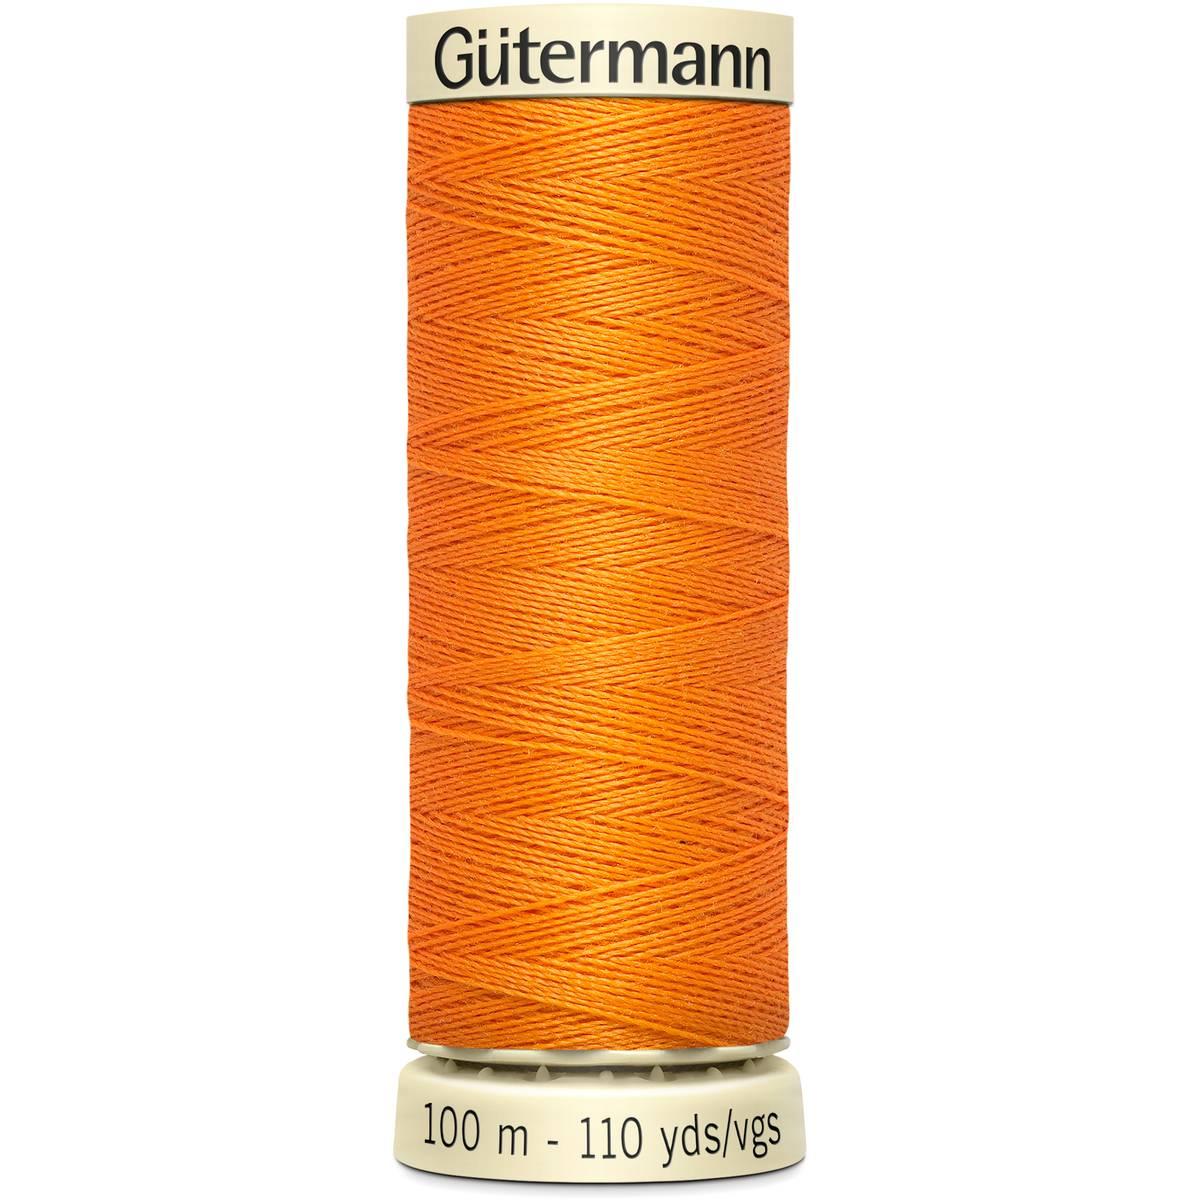 חוט תפירה גוטרמן - Orange 350